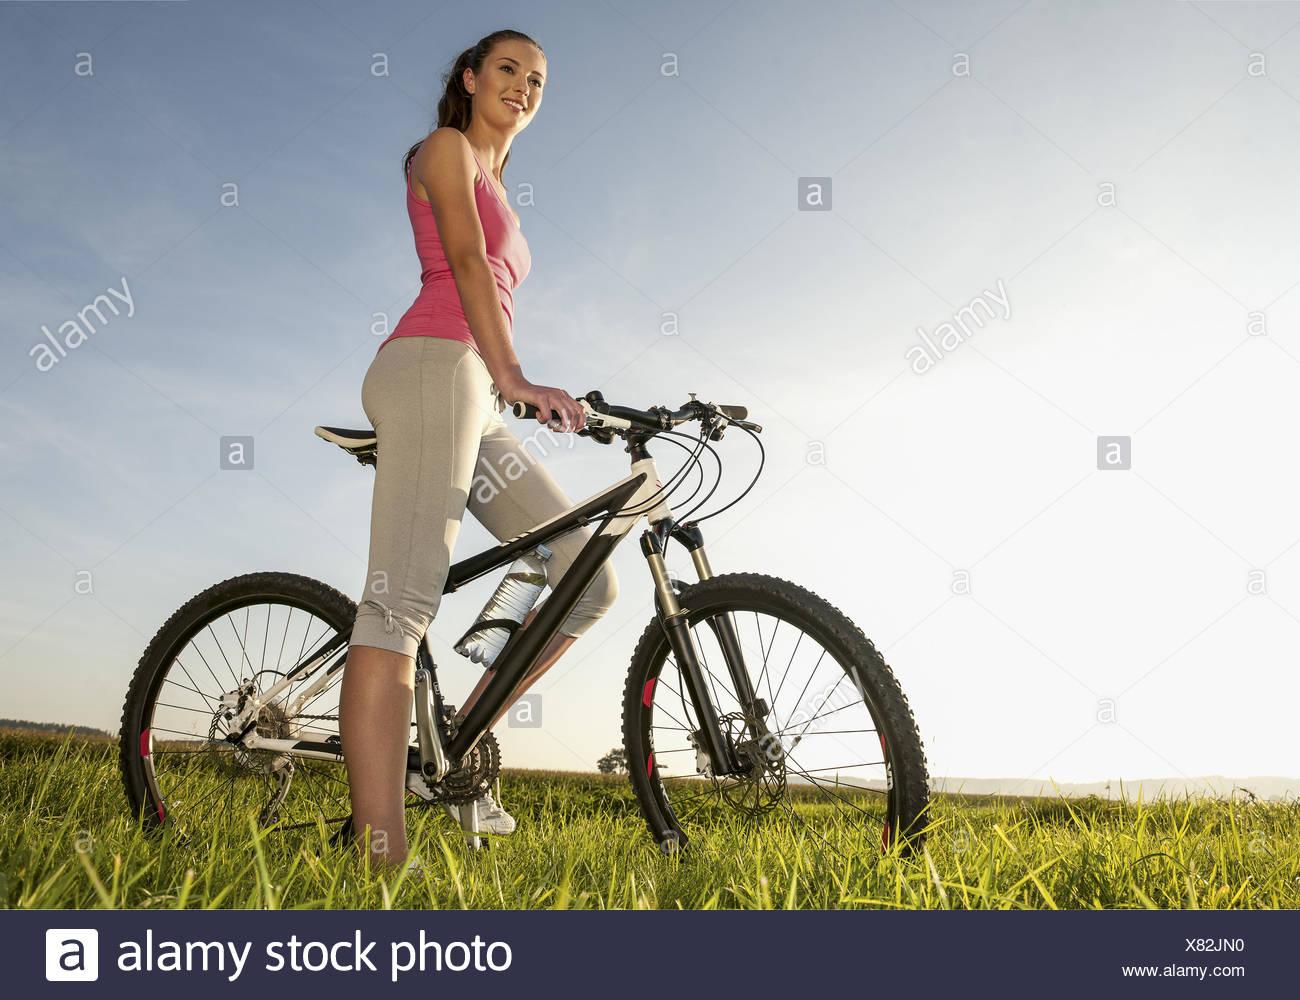 Junge Frau mit Fahrrad (modello-rilasciato) Immagini Stock